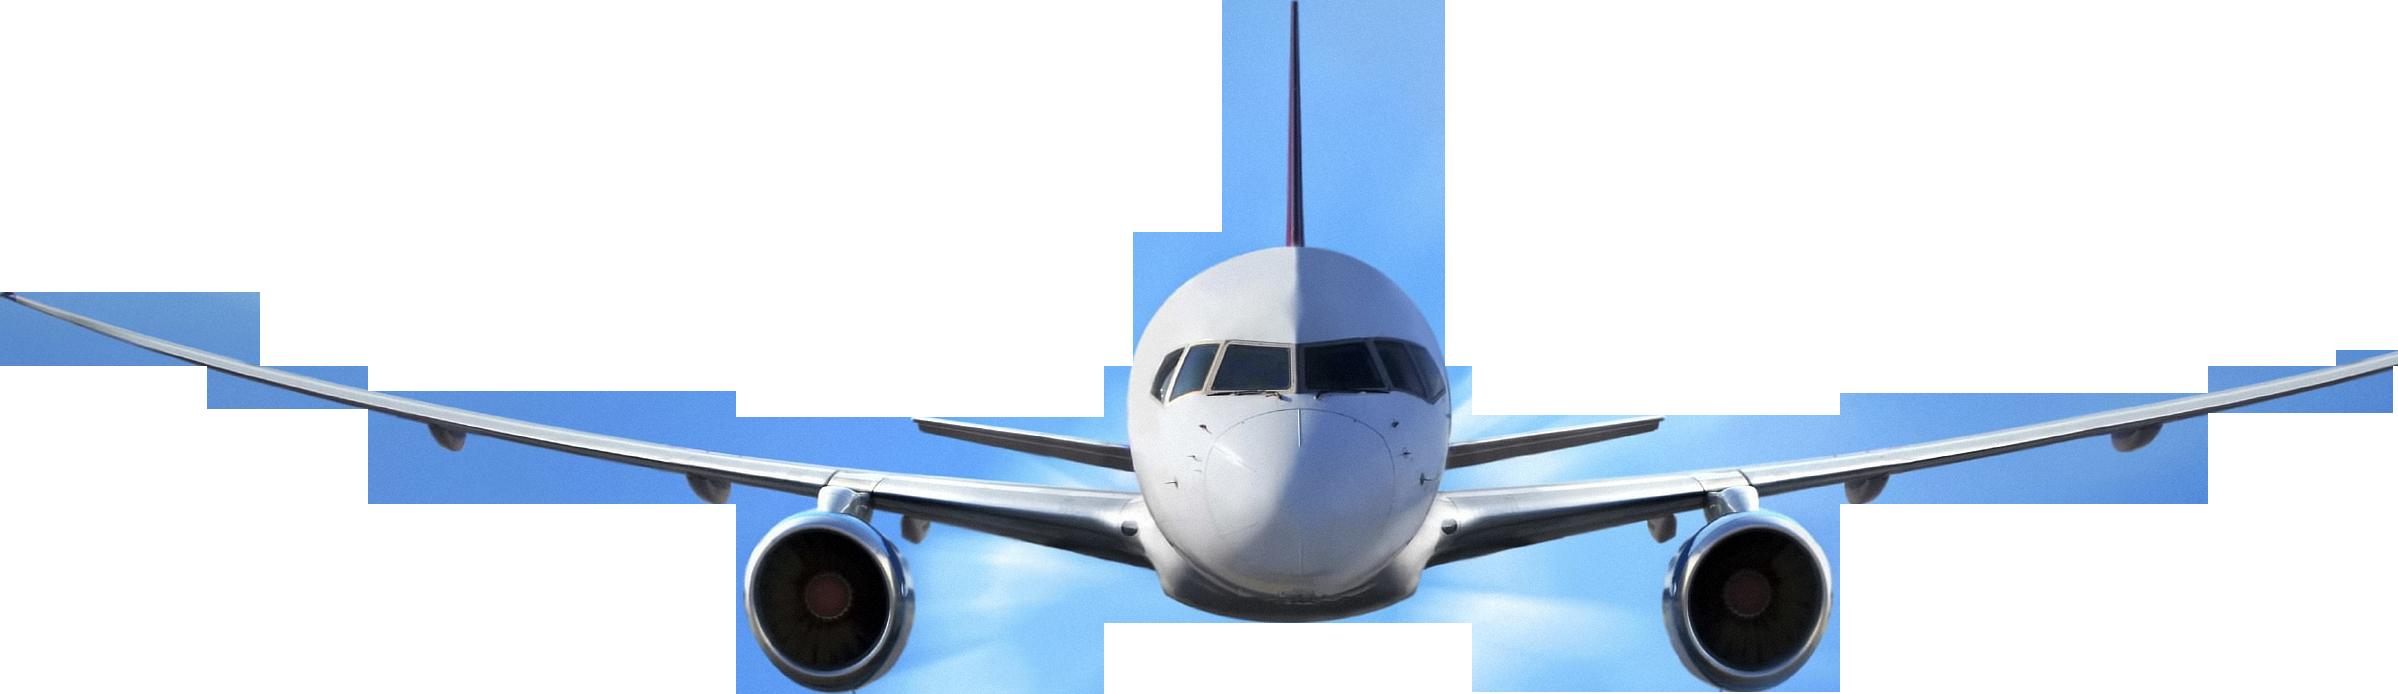 Услуги аренды и покупки личного авиатранспорта во Франции с минимальными затратами и полным юридическим сопровождением. Компания «Кофранс» предлагает купить самолет во Франции на выгодных условиях.